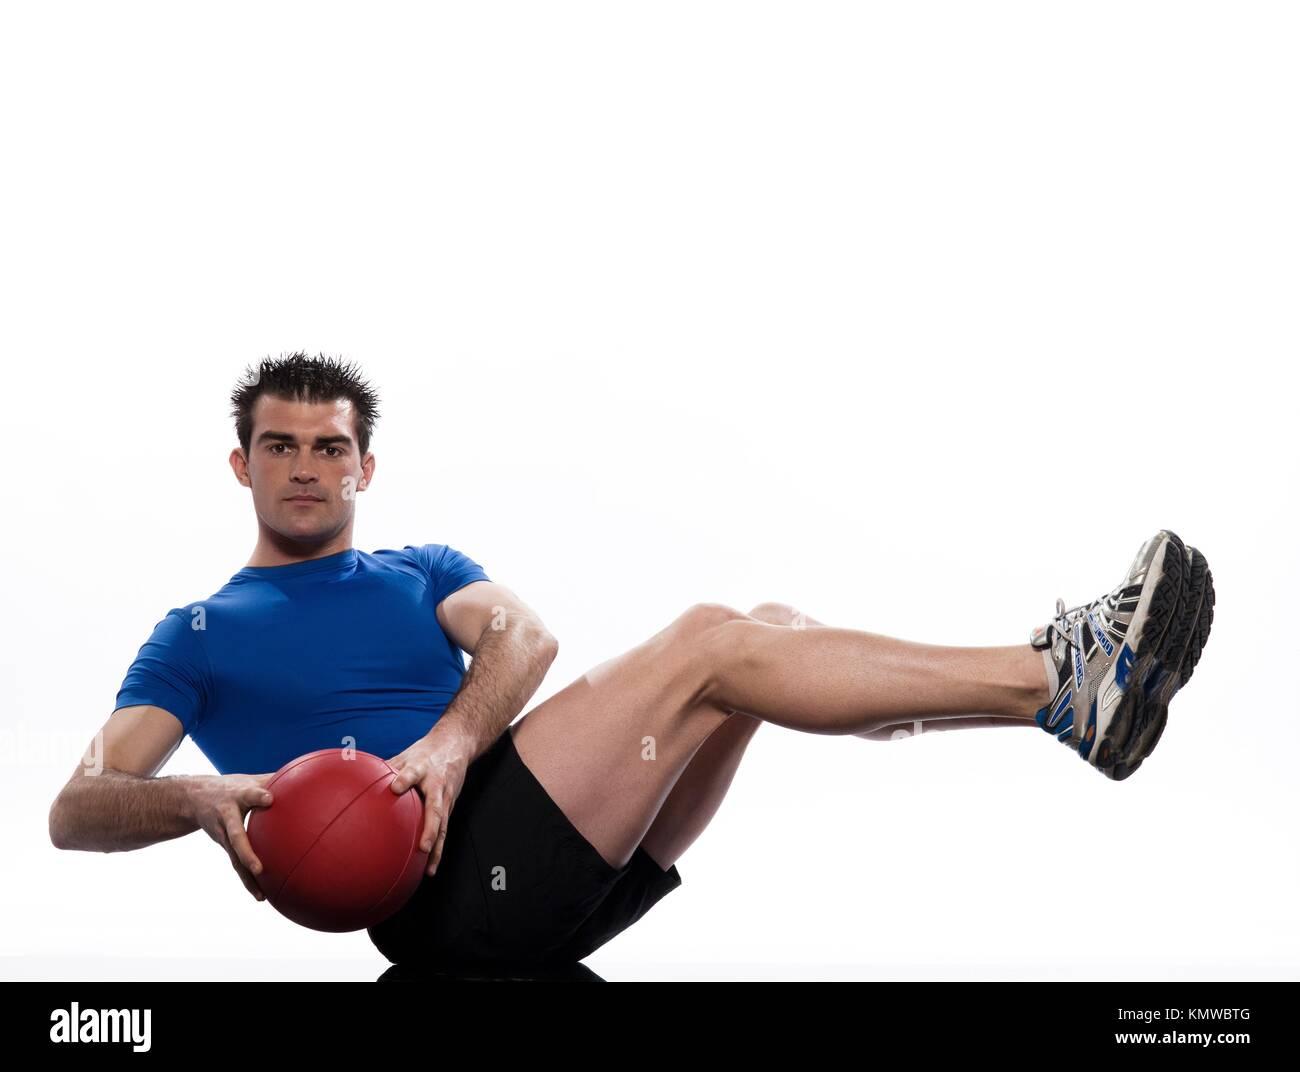 Hombre haciendo ejercicios abdominales bola postura sobre fondo blanco  aislado 6ee70e3fa413